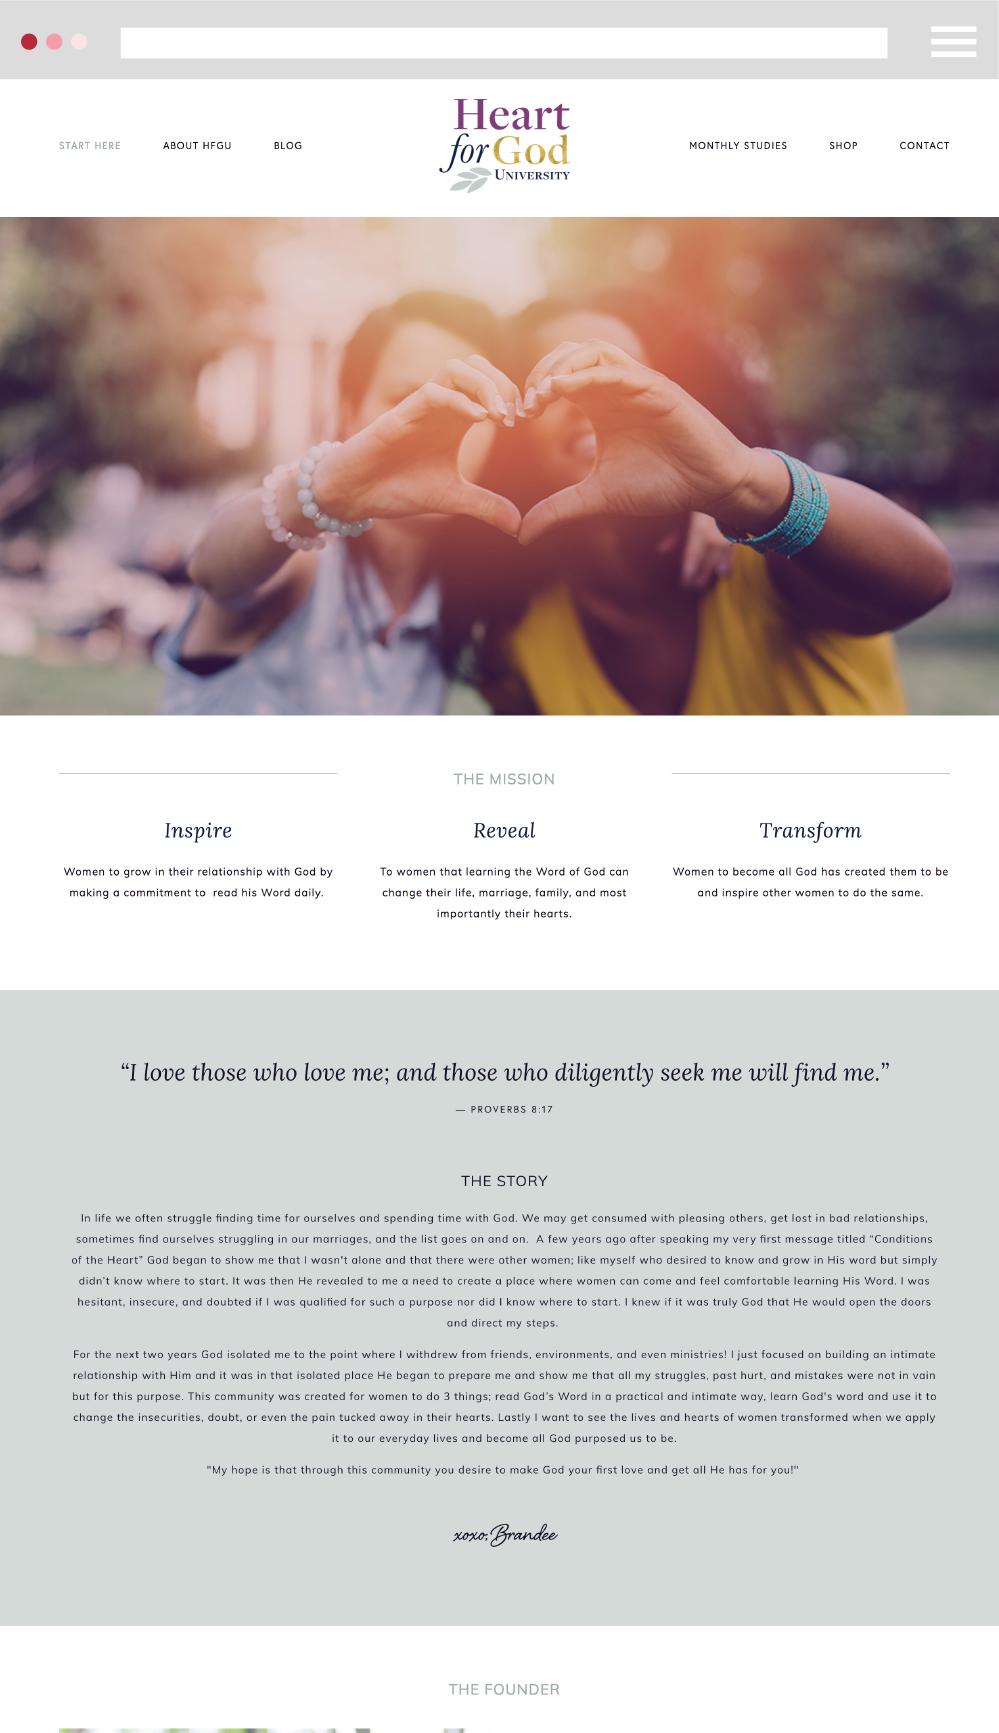 HFGU-WEB_Mockup.jpg